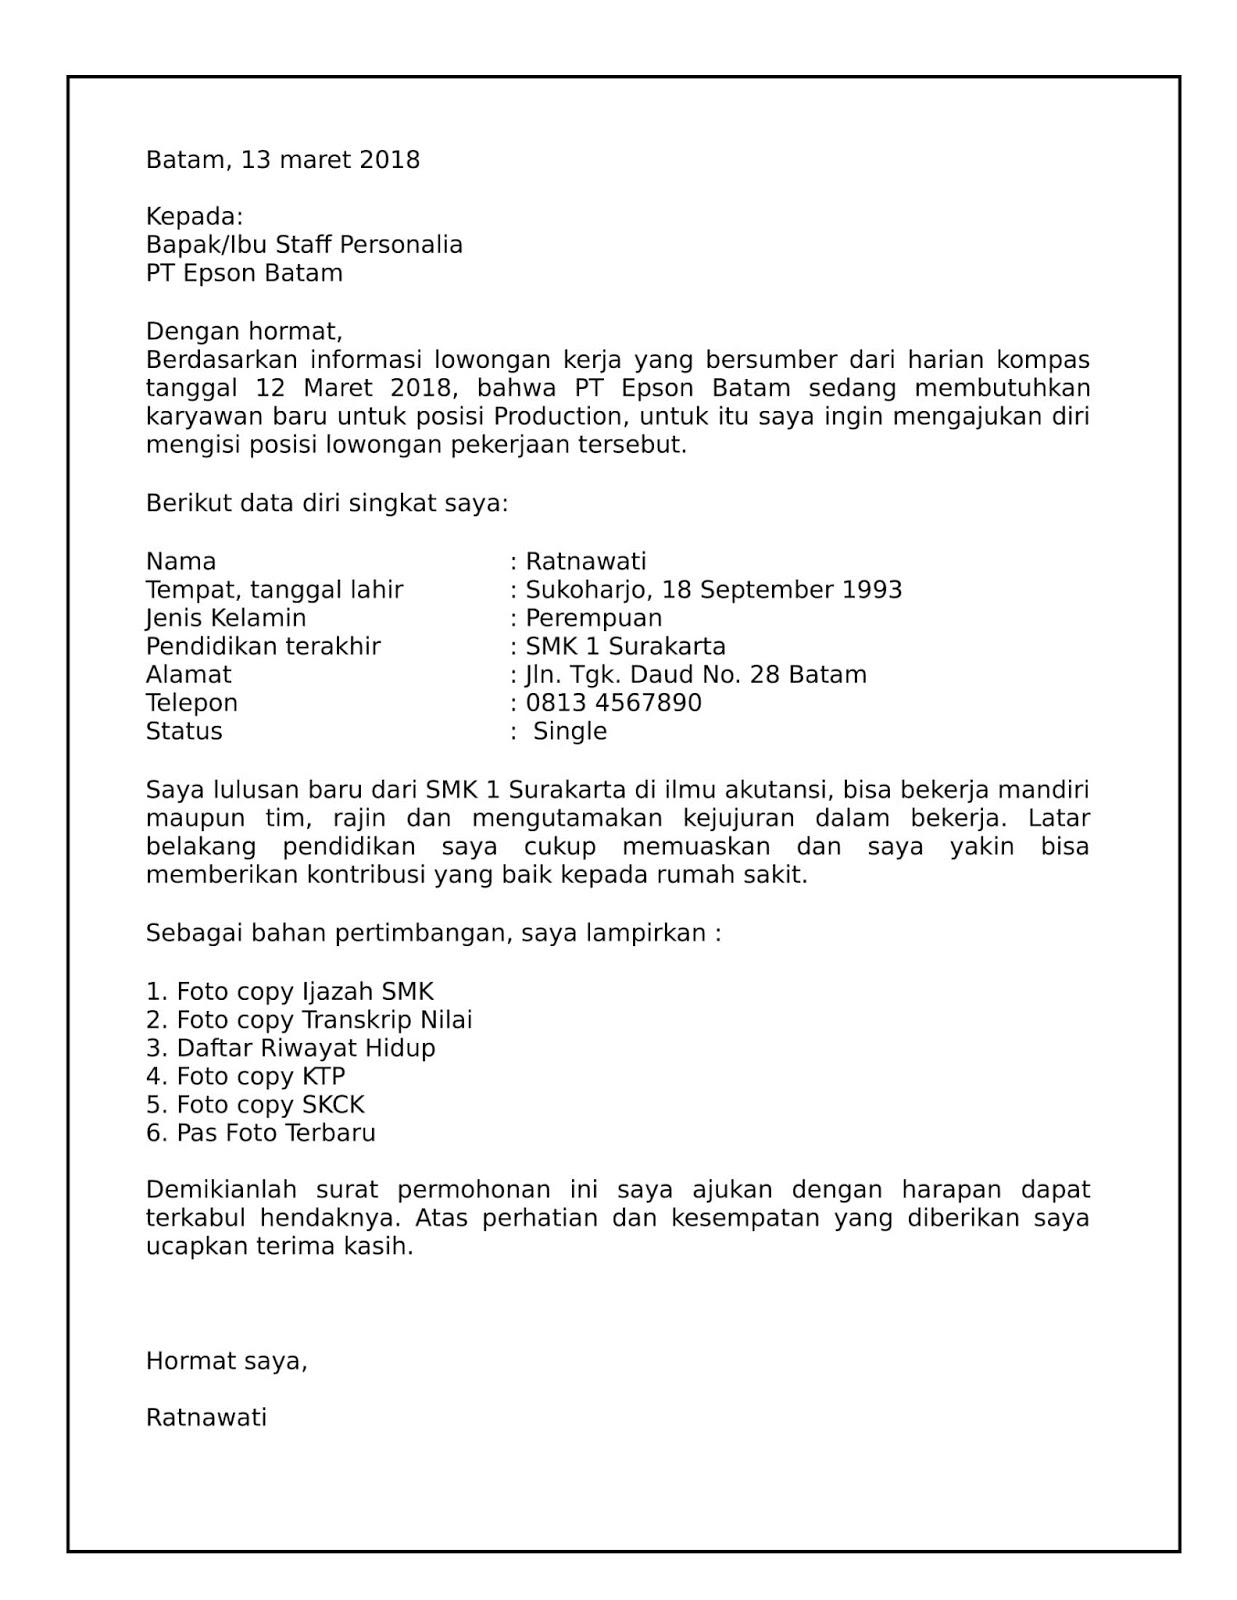 Surat Lamaran Kerja Pabrik : surat, lamaran, kerja, pabrik, Contoh, Surat, Lamaran, Kerja, Pabrik, Paling